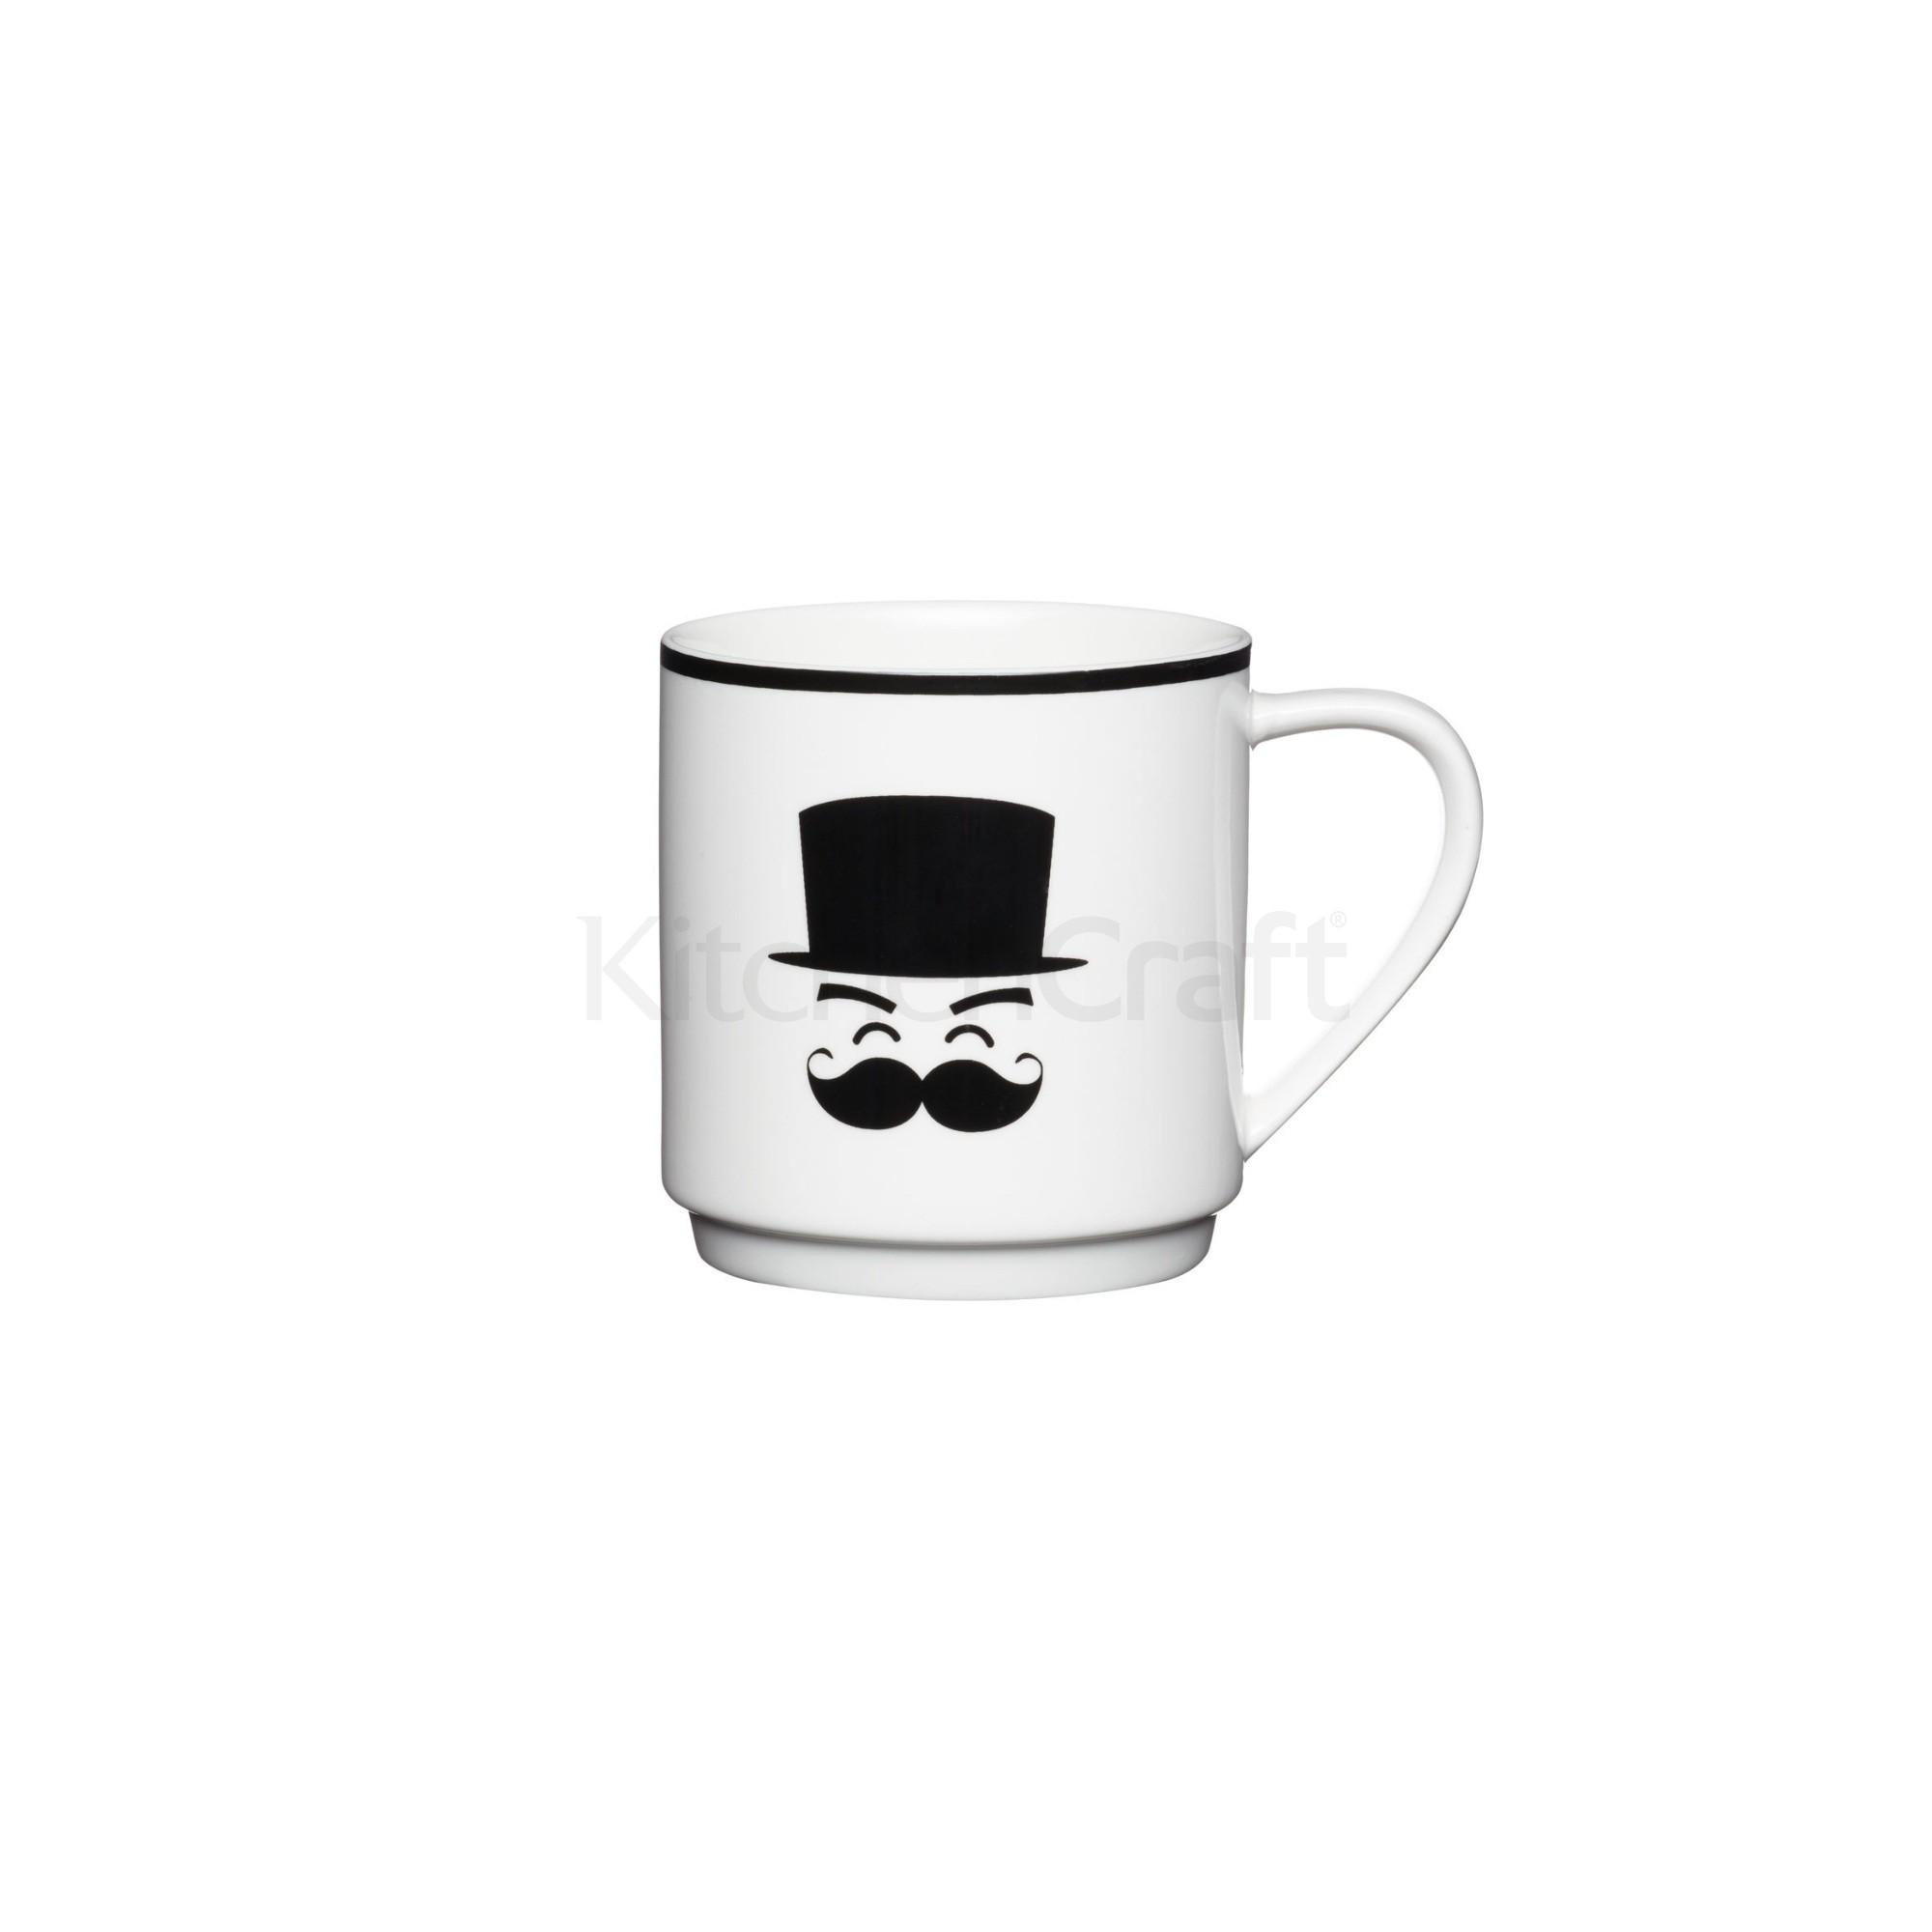 Κούπα Μουστάκι Στοιβαζόμενη 340ml home   ειδη cafe τσαϊ   κούπες   φλυτζάνια